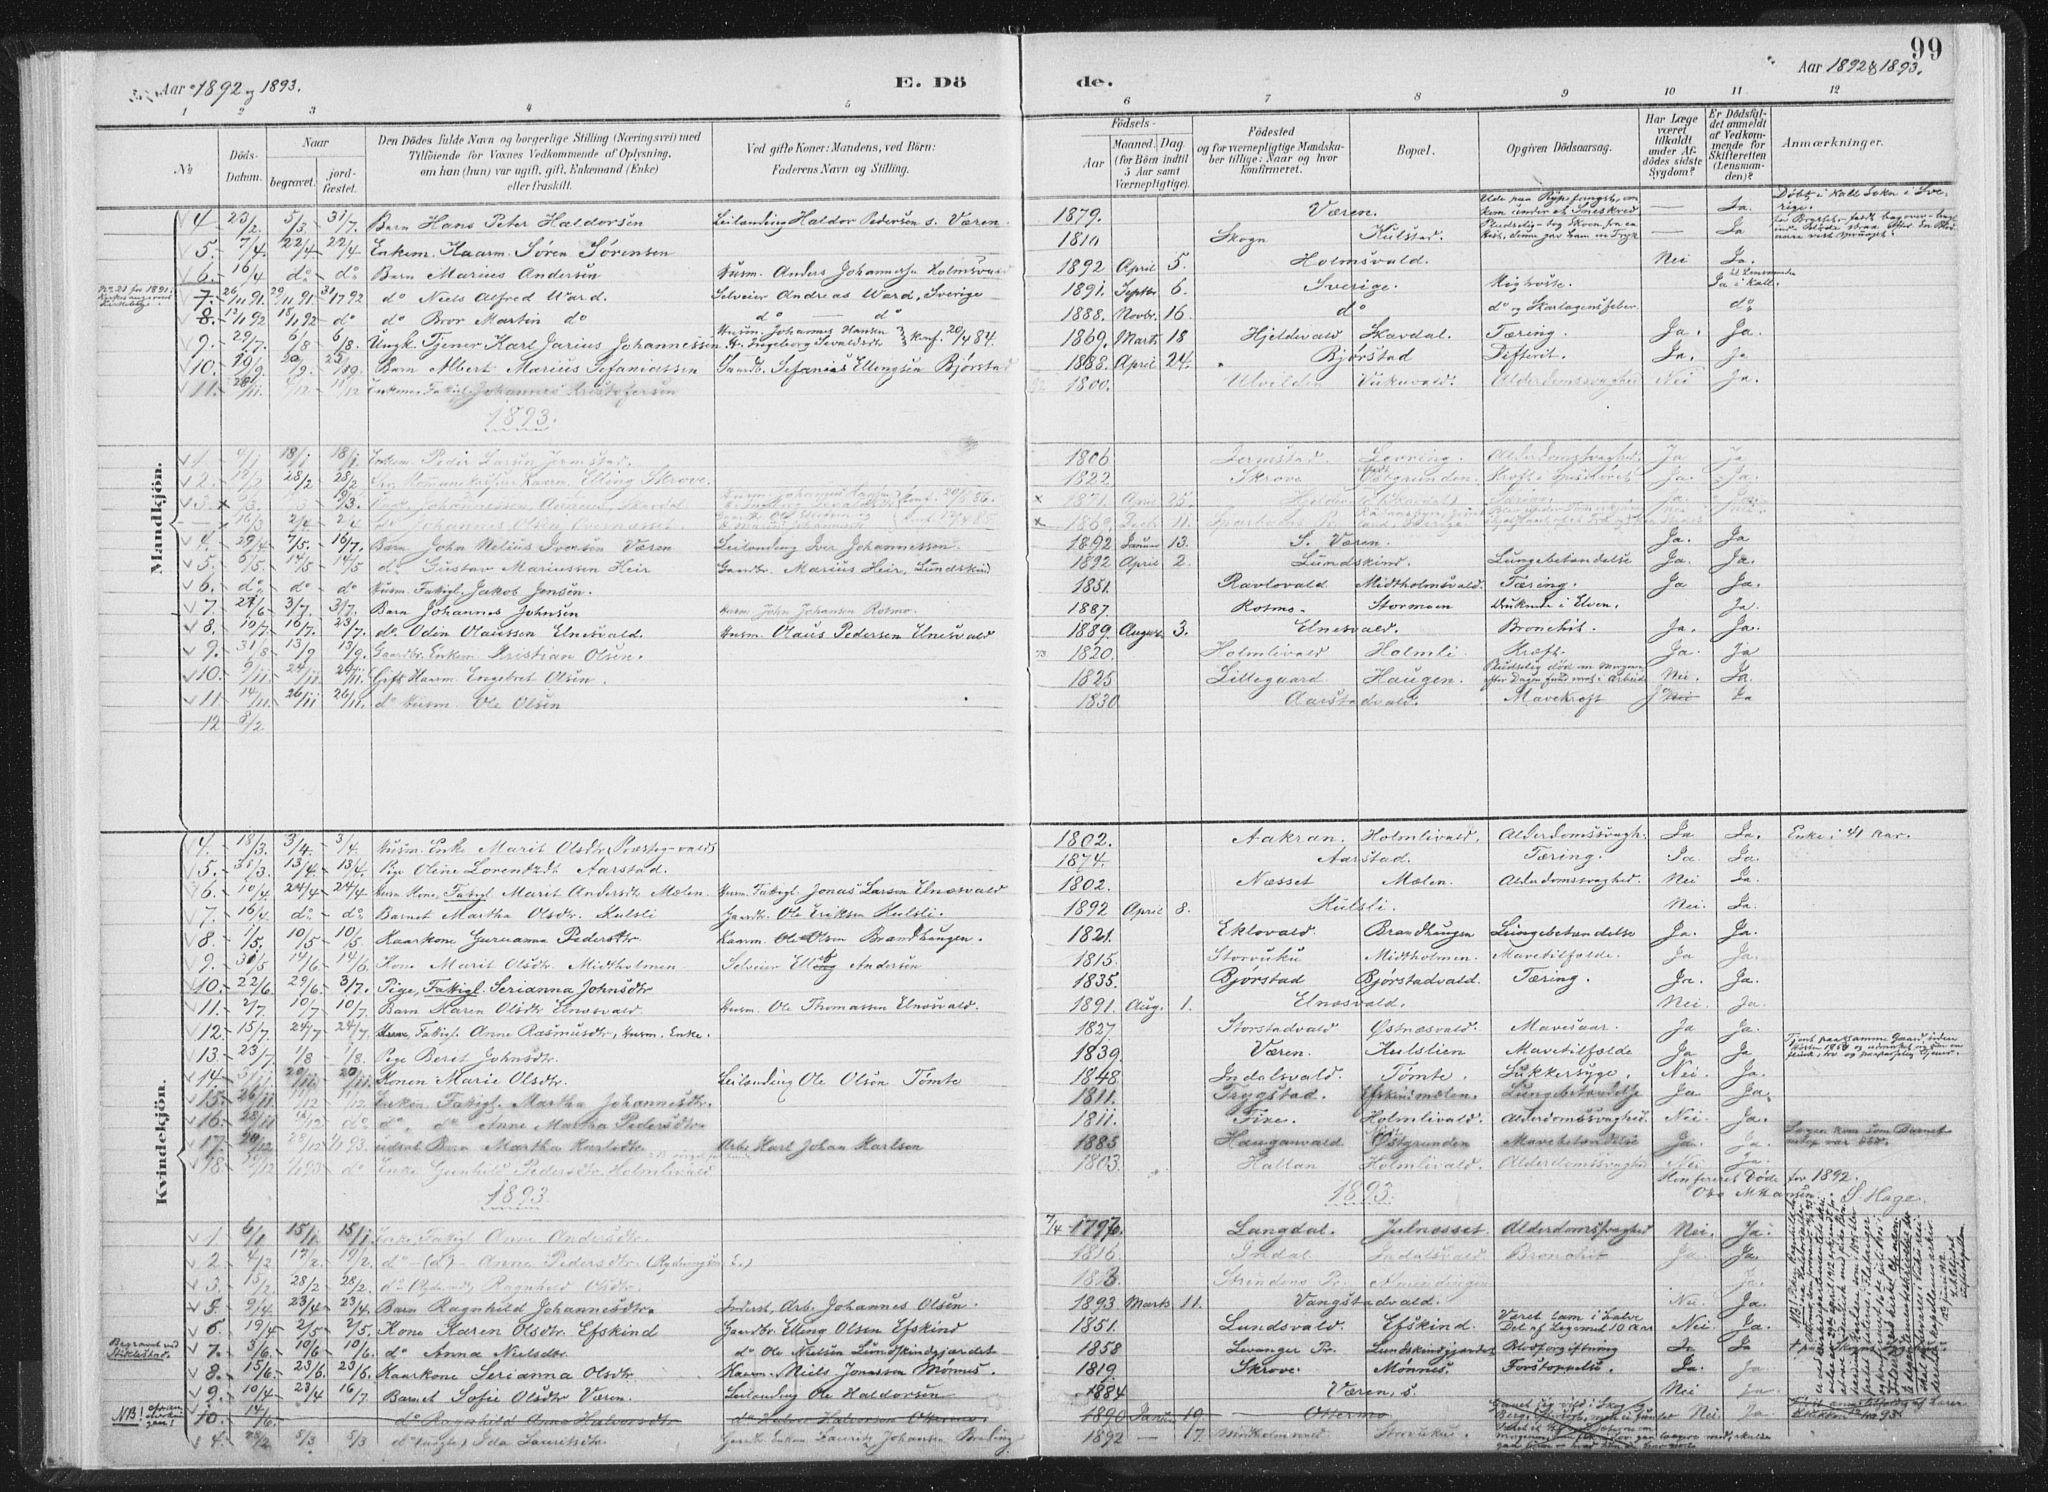 SAT, Ministerialprotokoller, klokkerbøker og fødselsregistre - Nord-Trøndelag, 724/L0263: Ministerialbok nr. 724A01, 1891-1907, s. 99